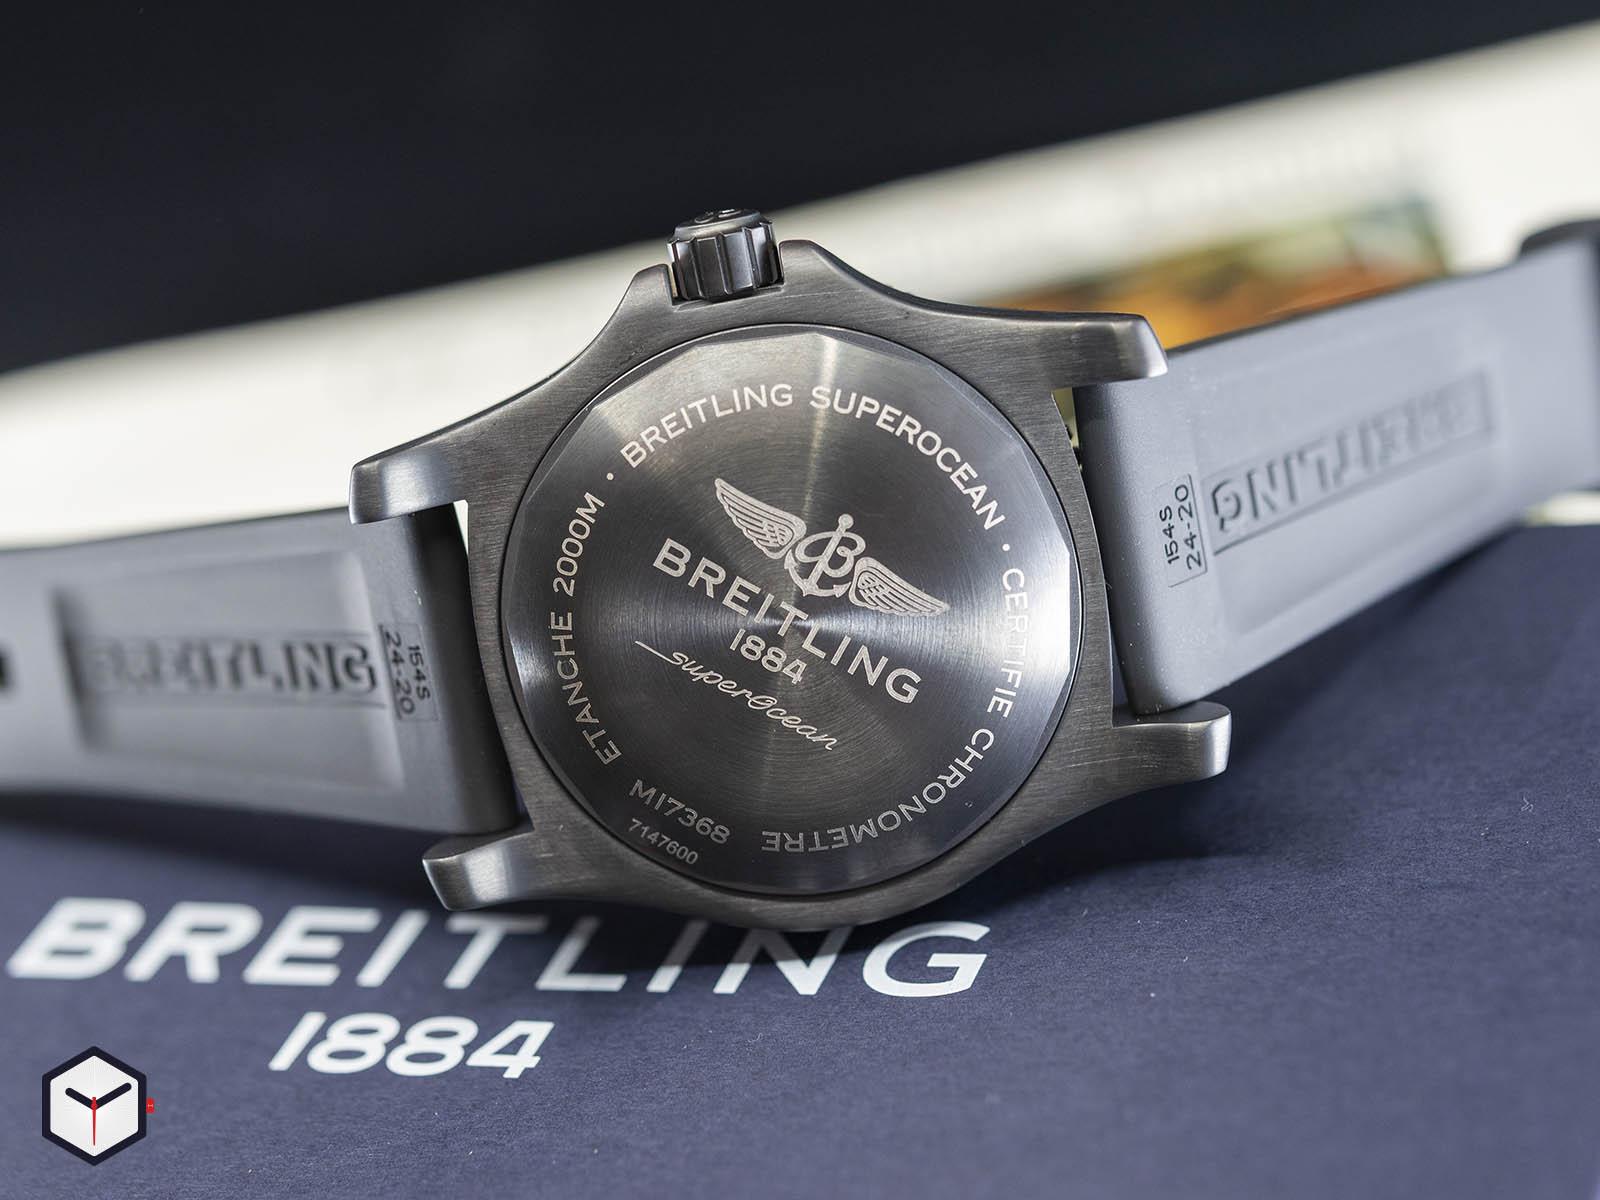 m17368b71b1s1-breitling-superocean-automatic-46-black-steel-4.jpg